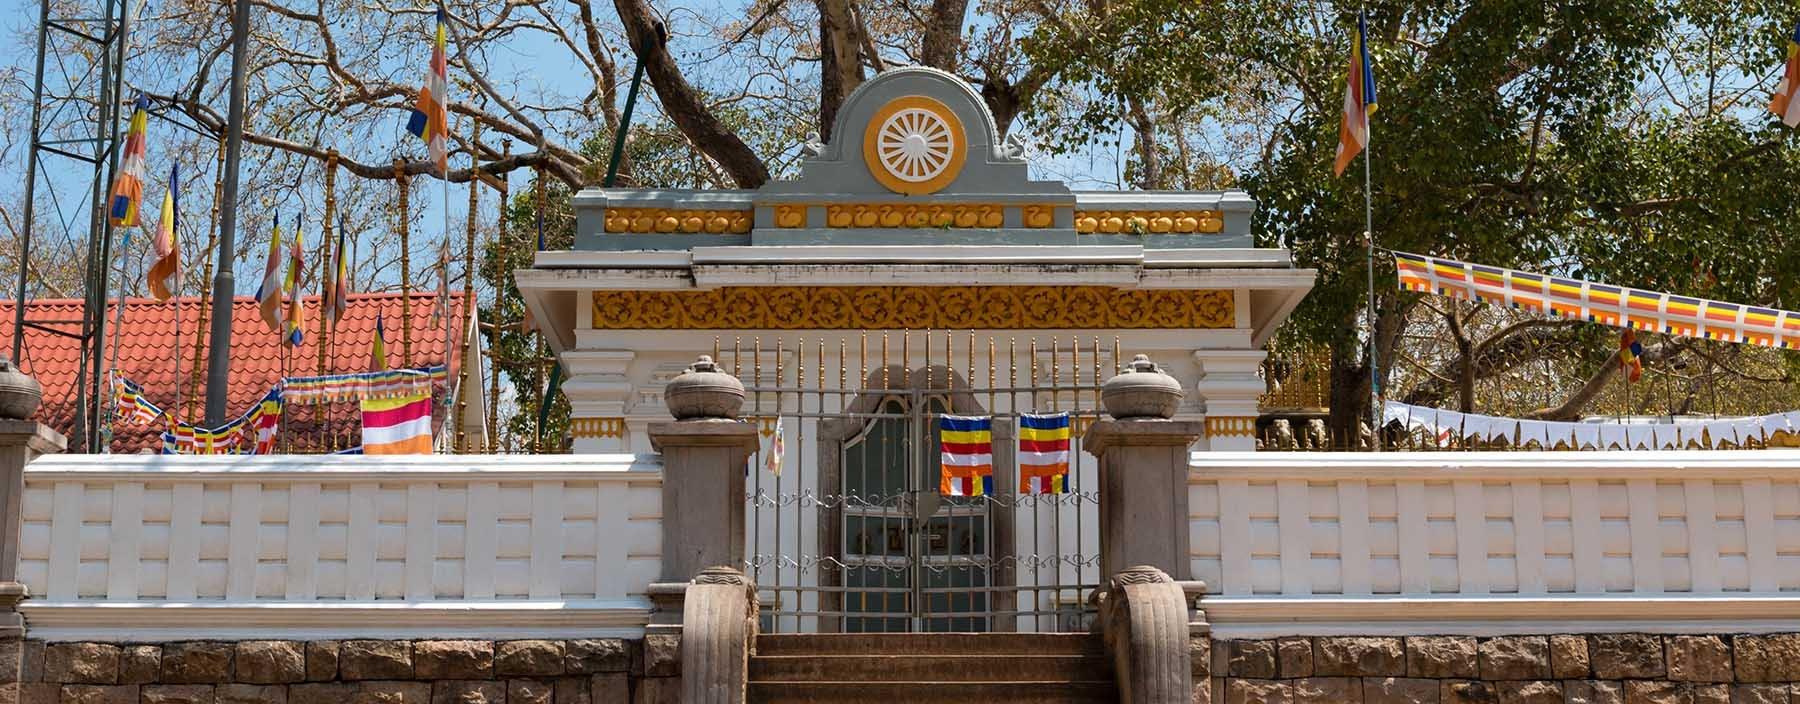 sri lanka, anuradhapura, sacred sri maha bodhi tree.jpg